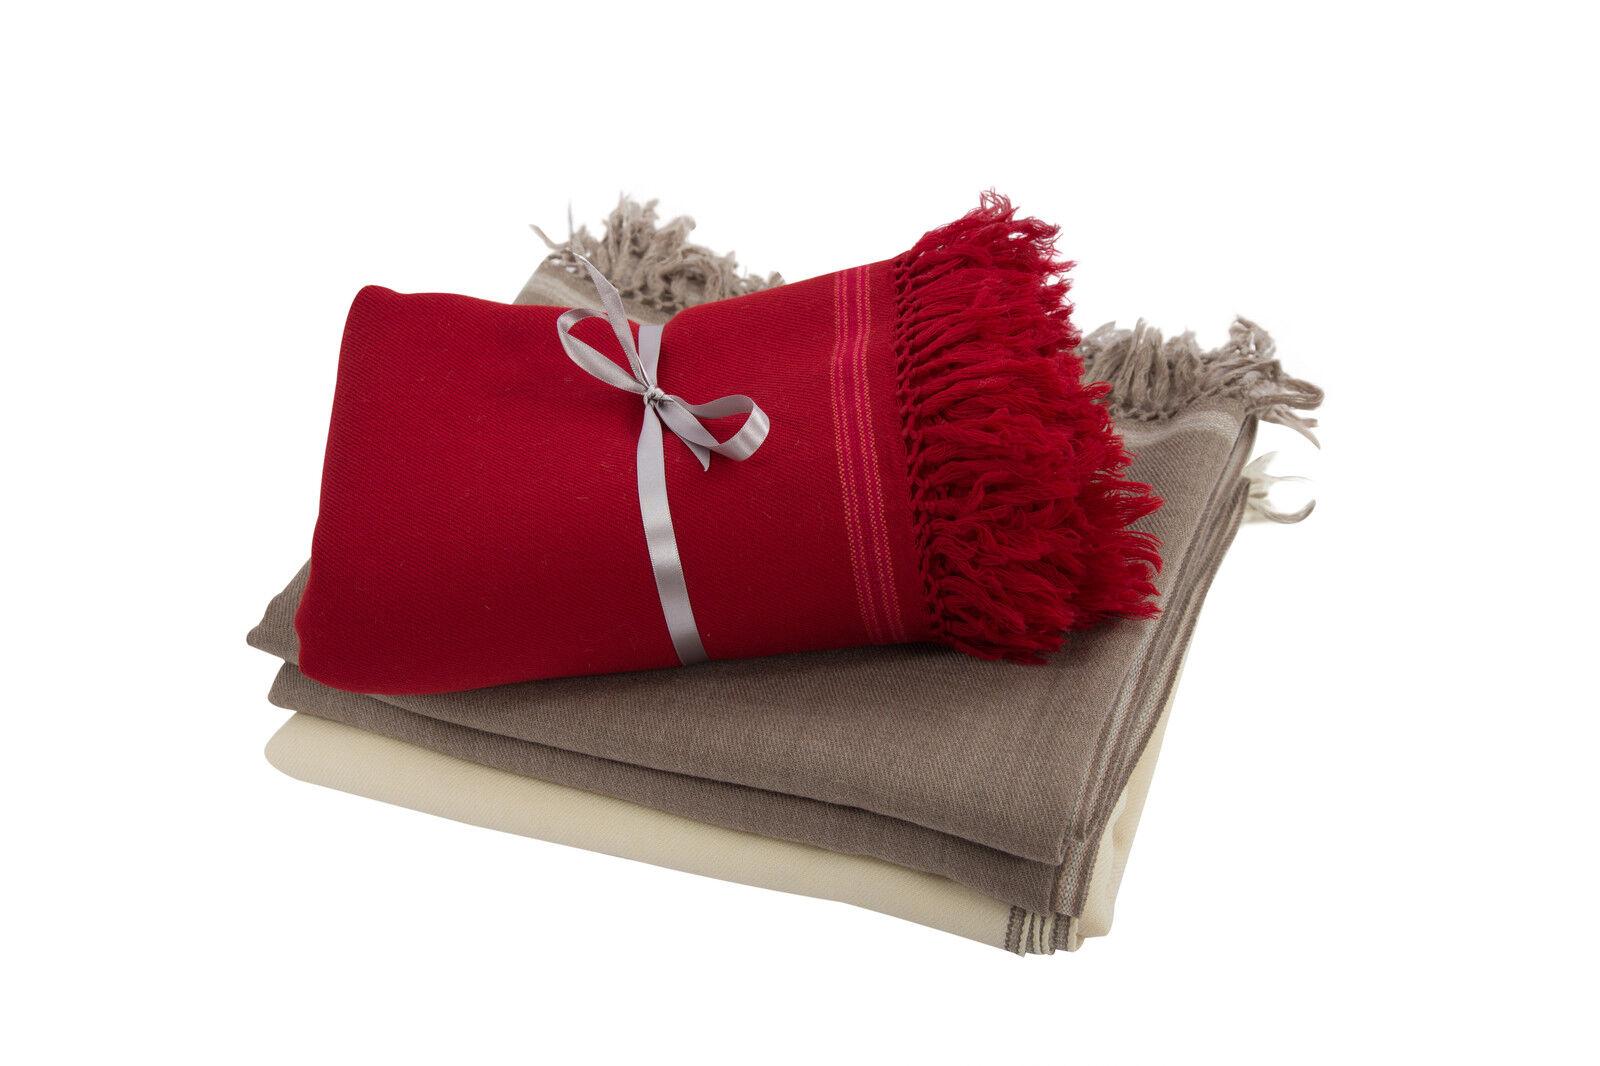 Belle Merino Wool LUSSO GRANDI HANDWOVEN Gettare Coperta Tappeto cucita dettaglio confine